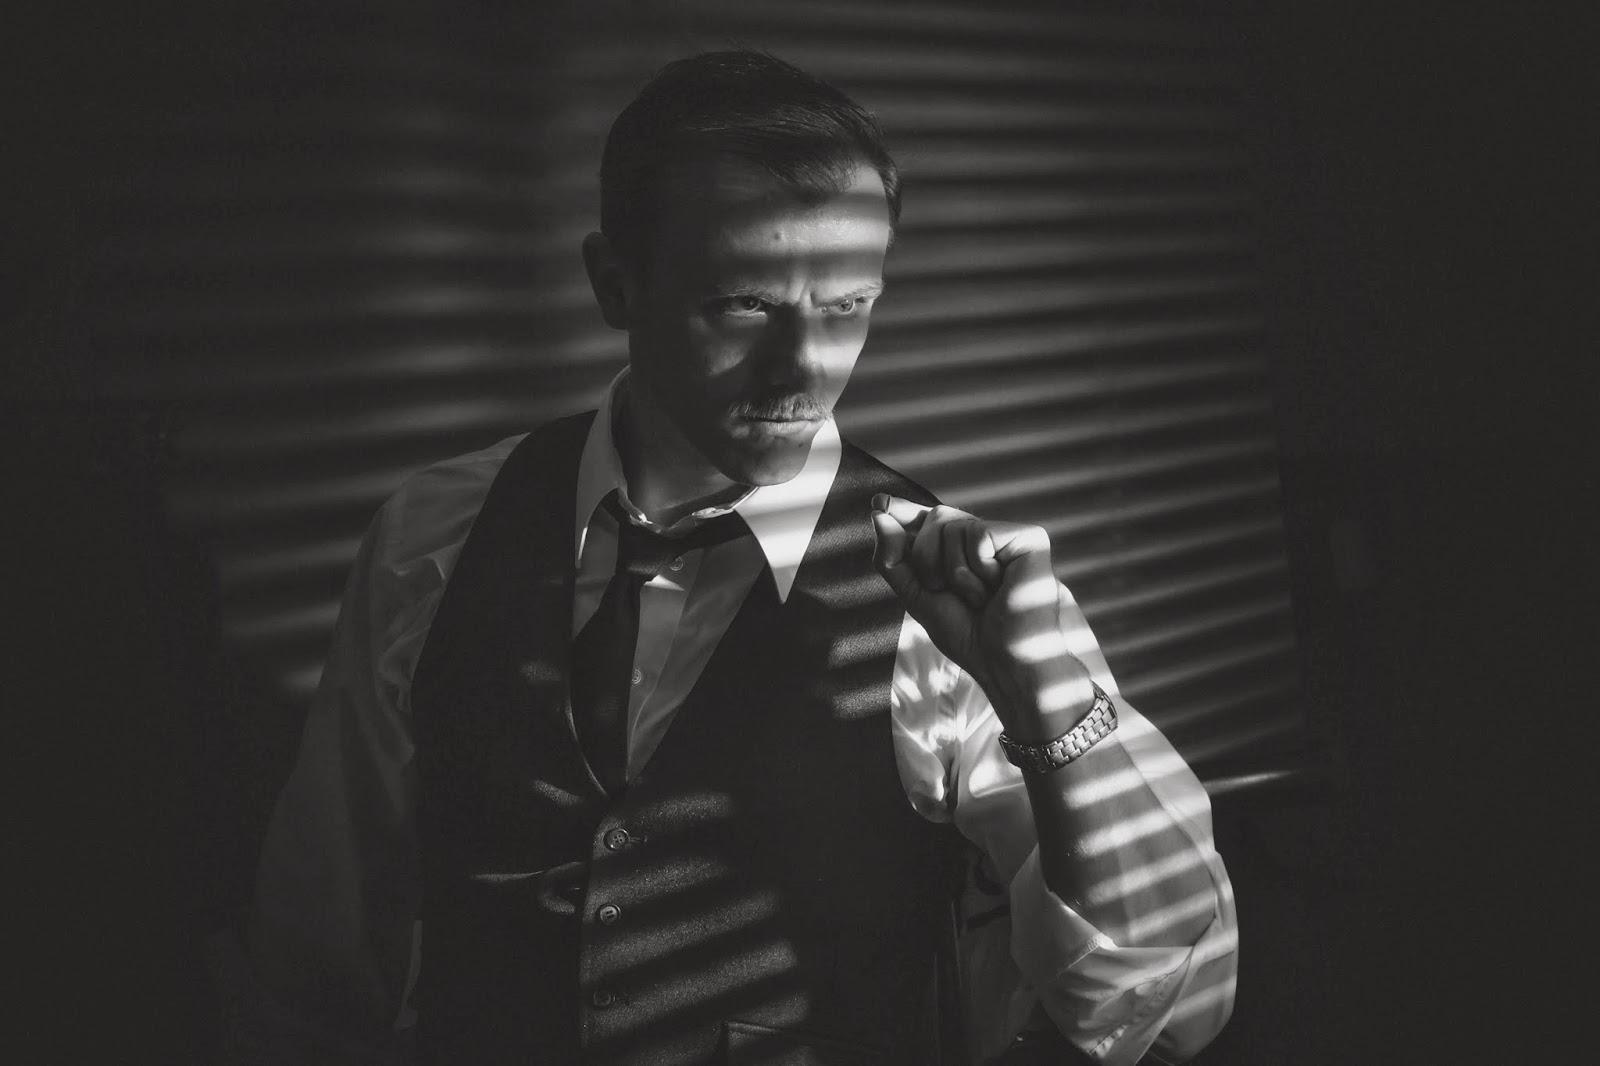 Venetian Blinds Film Noir